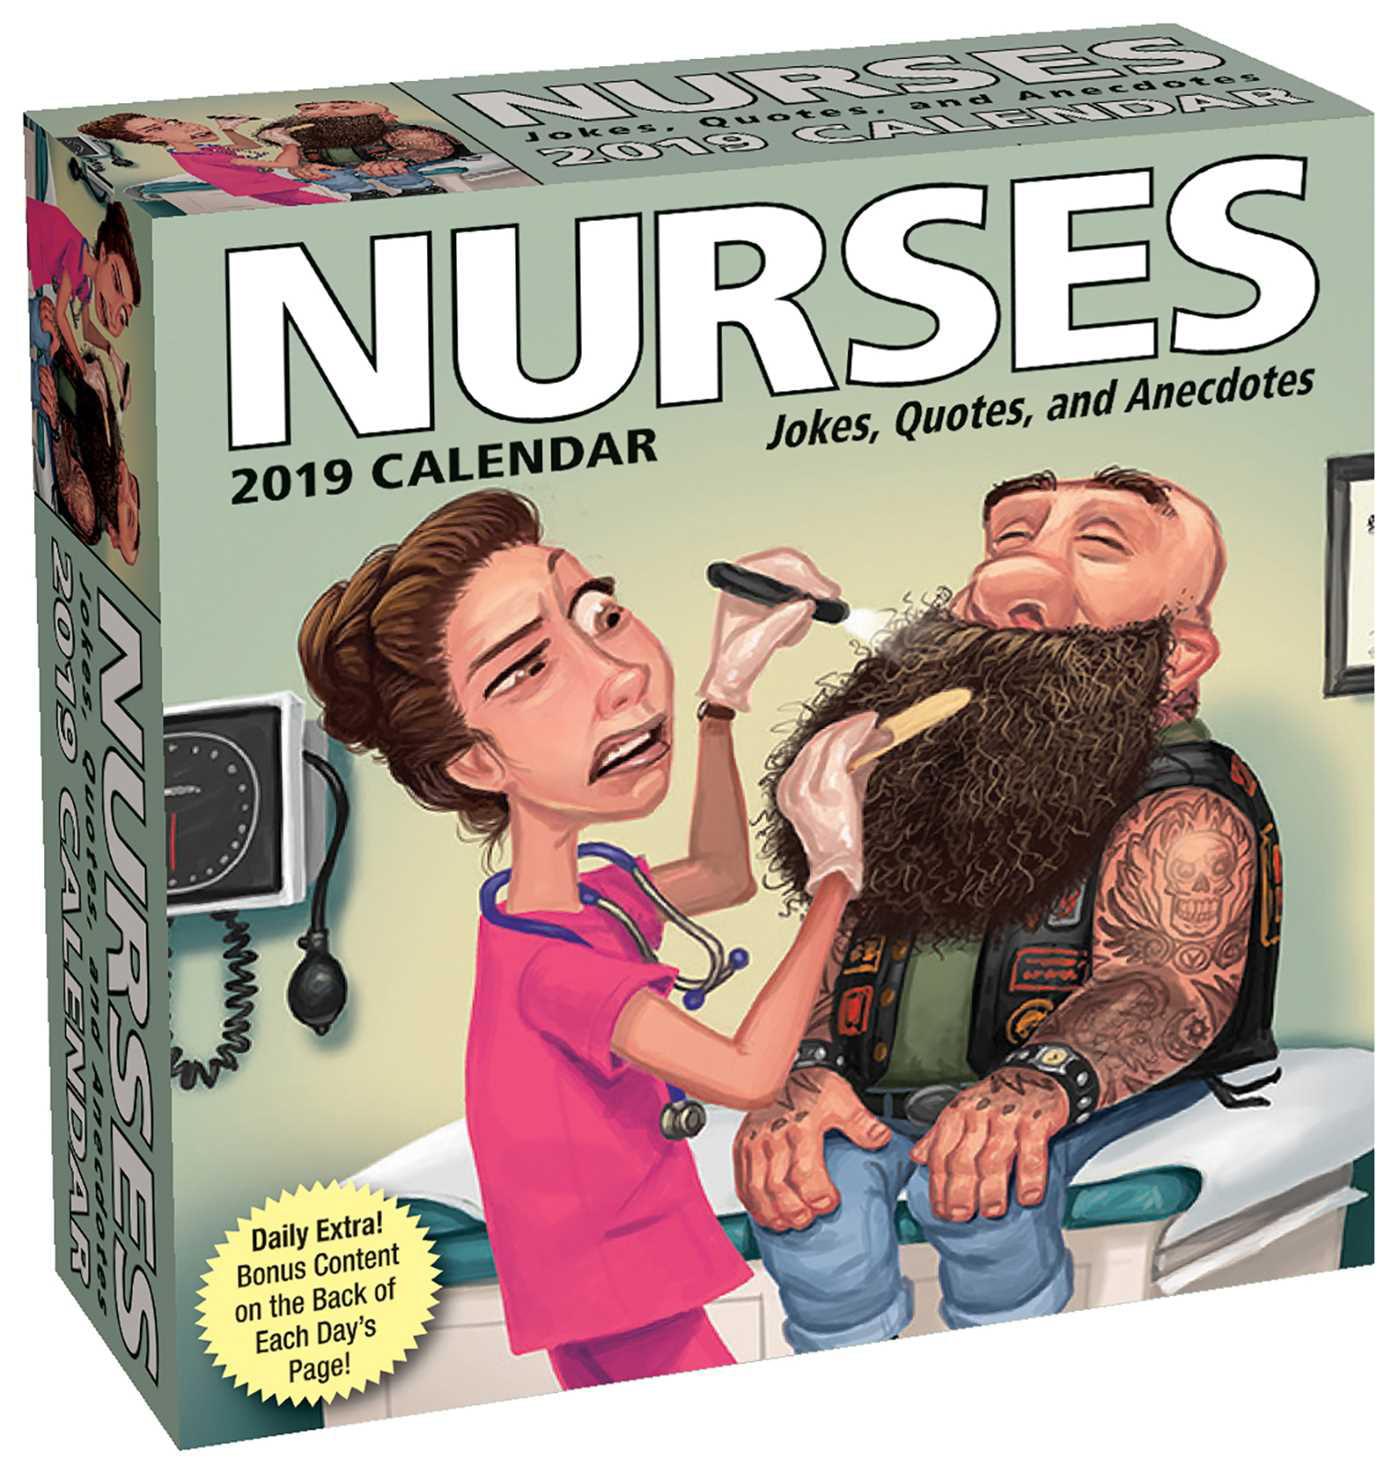 Nurses 2019 Day-to-Day Calendar : Jokes, Quotes, and Anecdotes